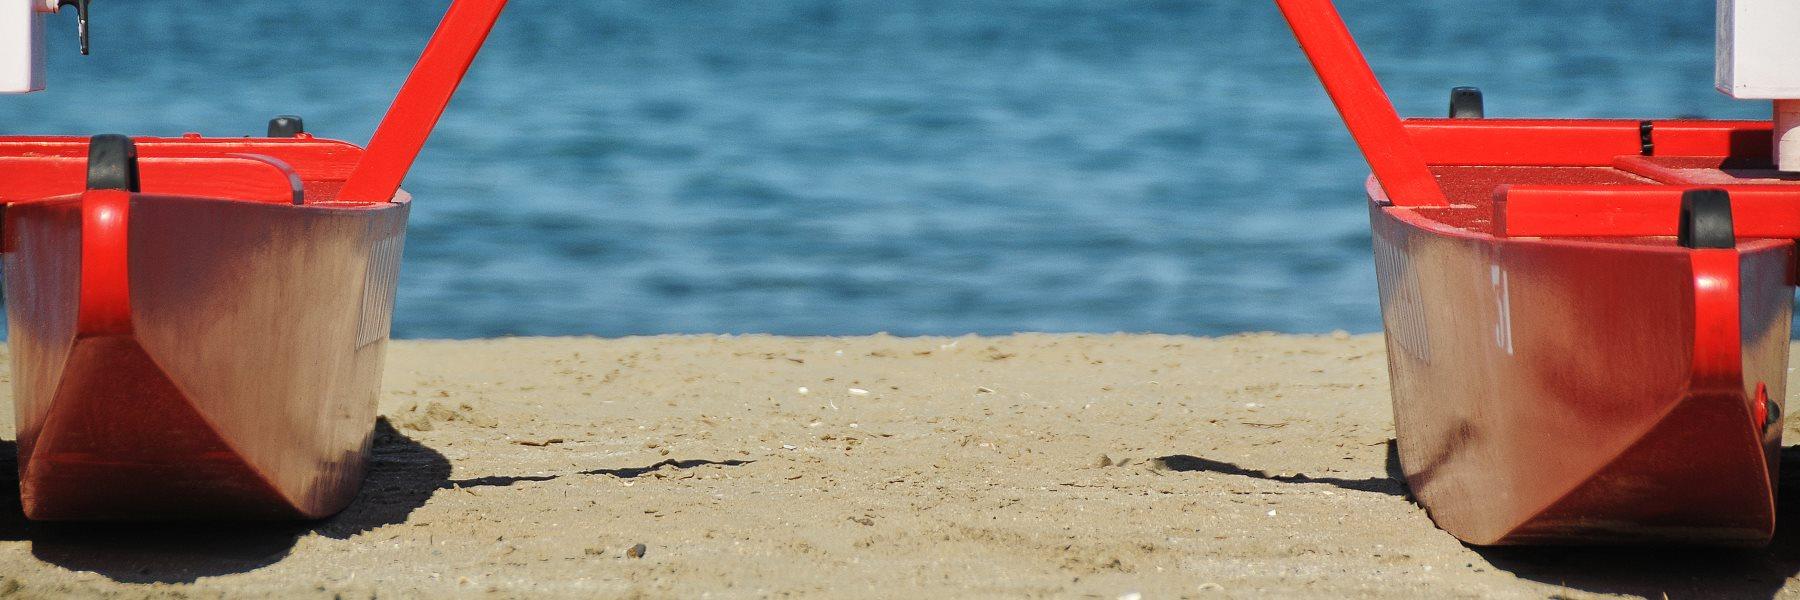 Cervia's safe beach